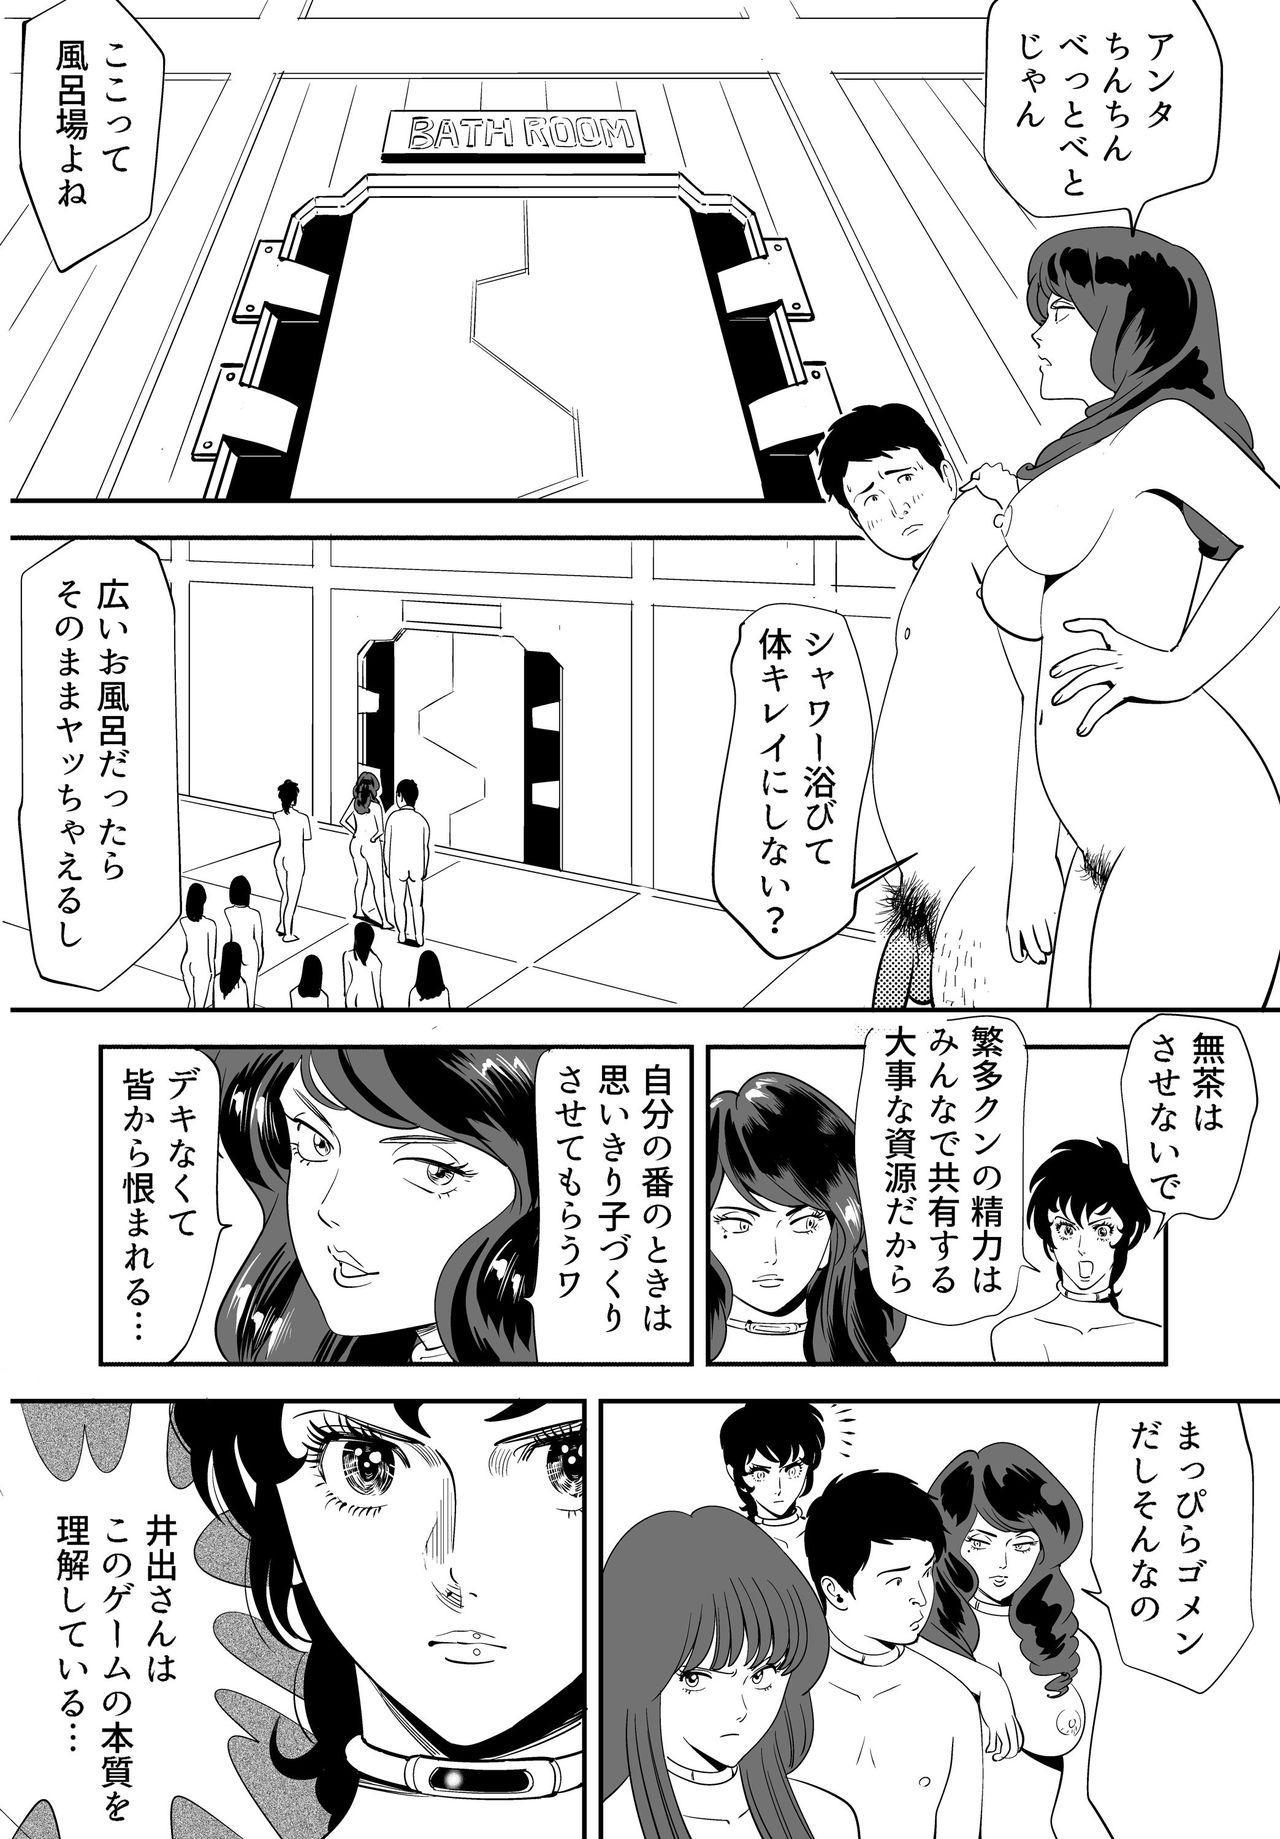 GAME/DEATH 33